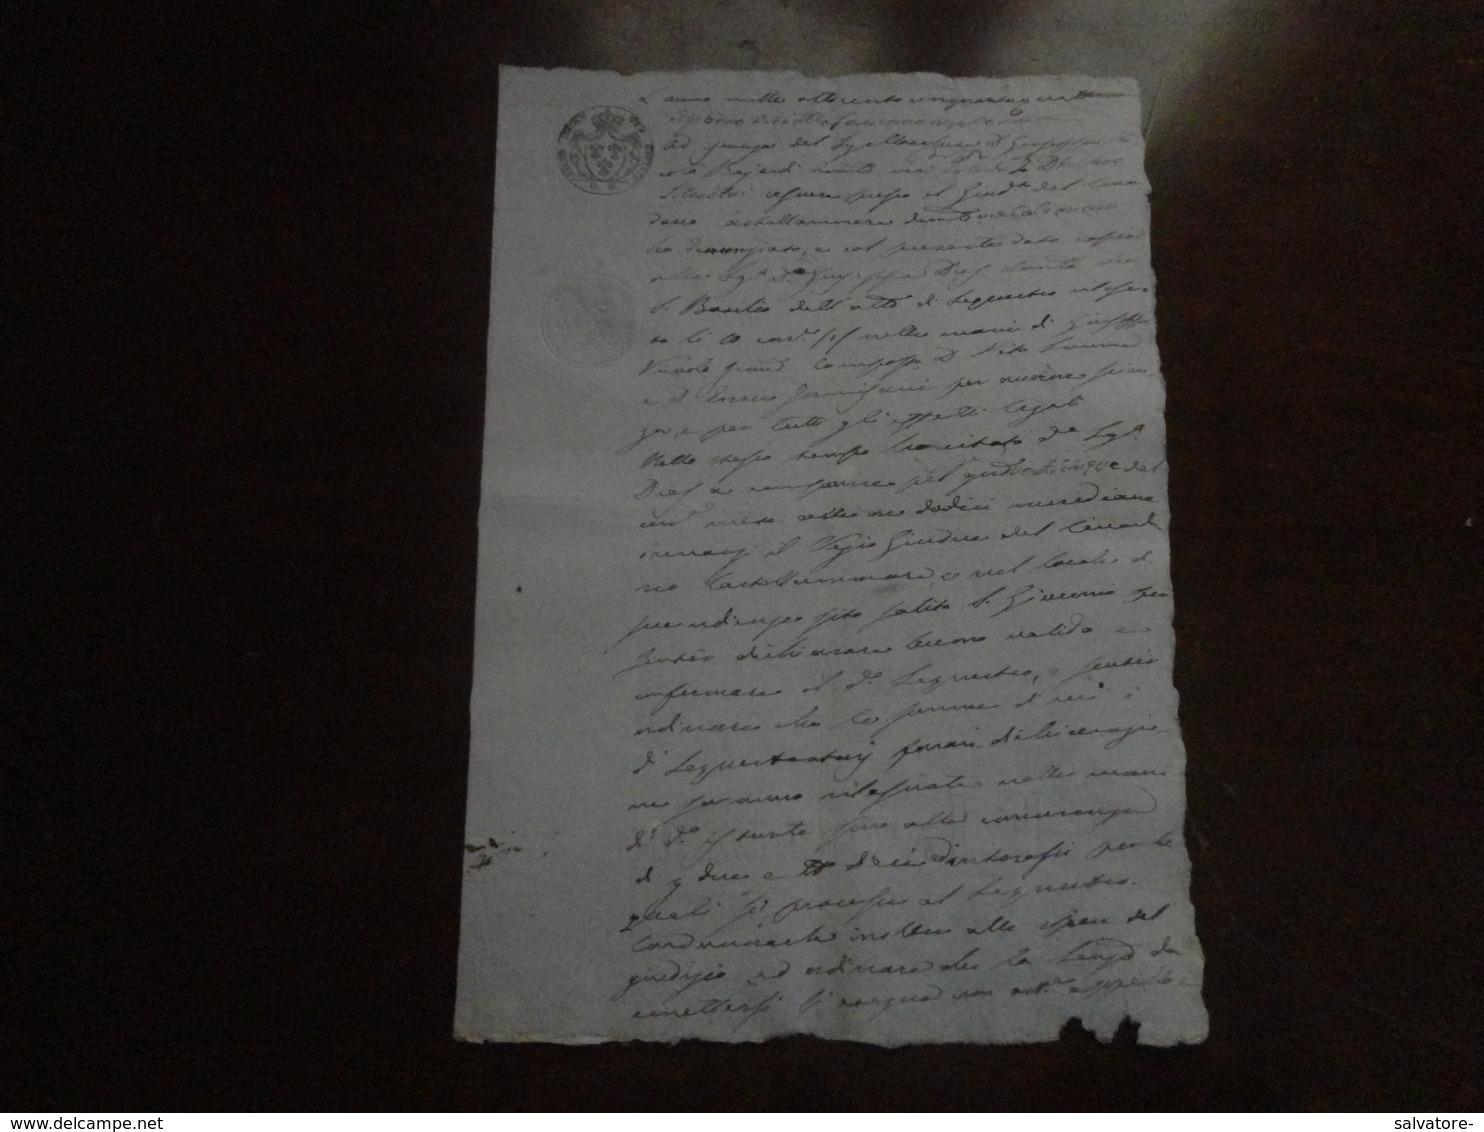 CARTA BOLLATA REGNO DELLE DUE SICILIE 3 GRANE- 1854 - Sicilia